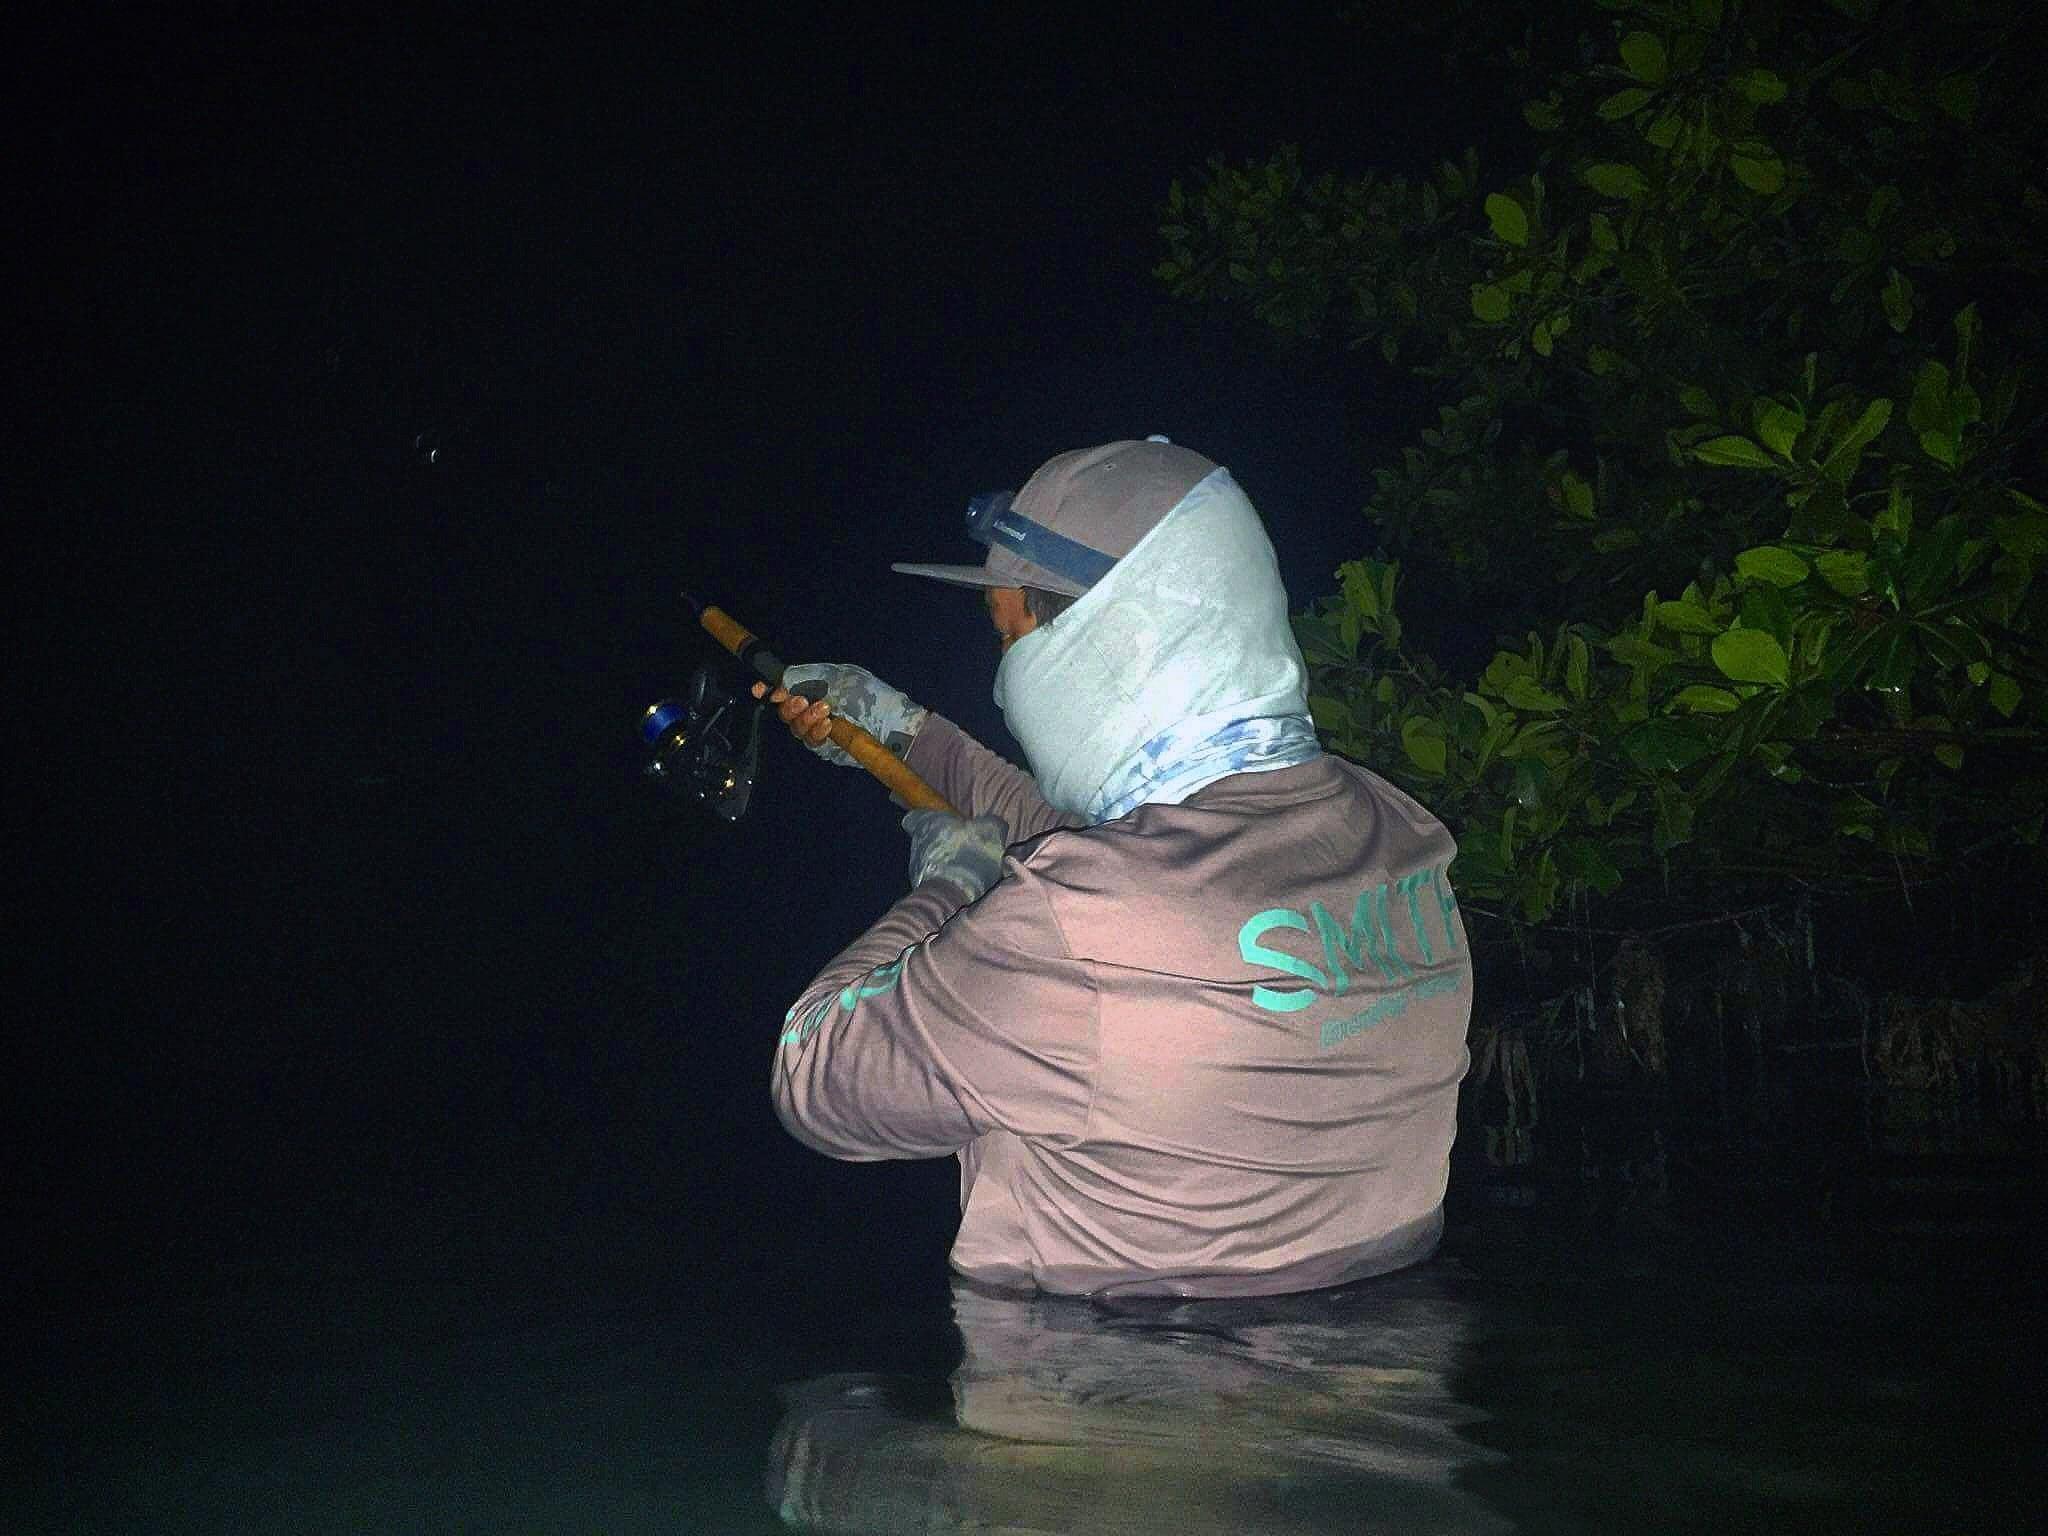 Florida_Night_Fishing_Pacific_Angler